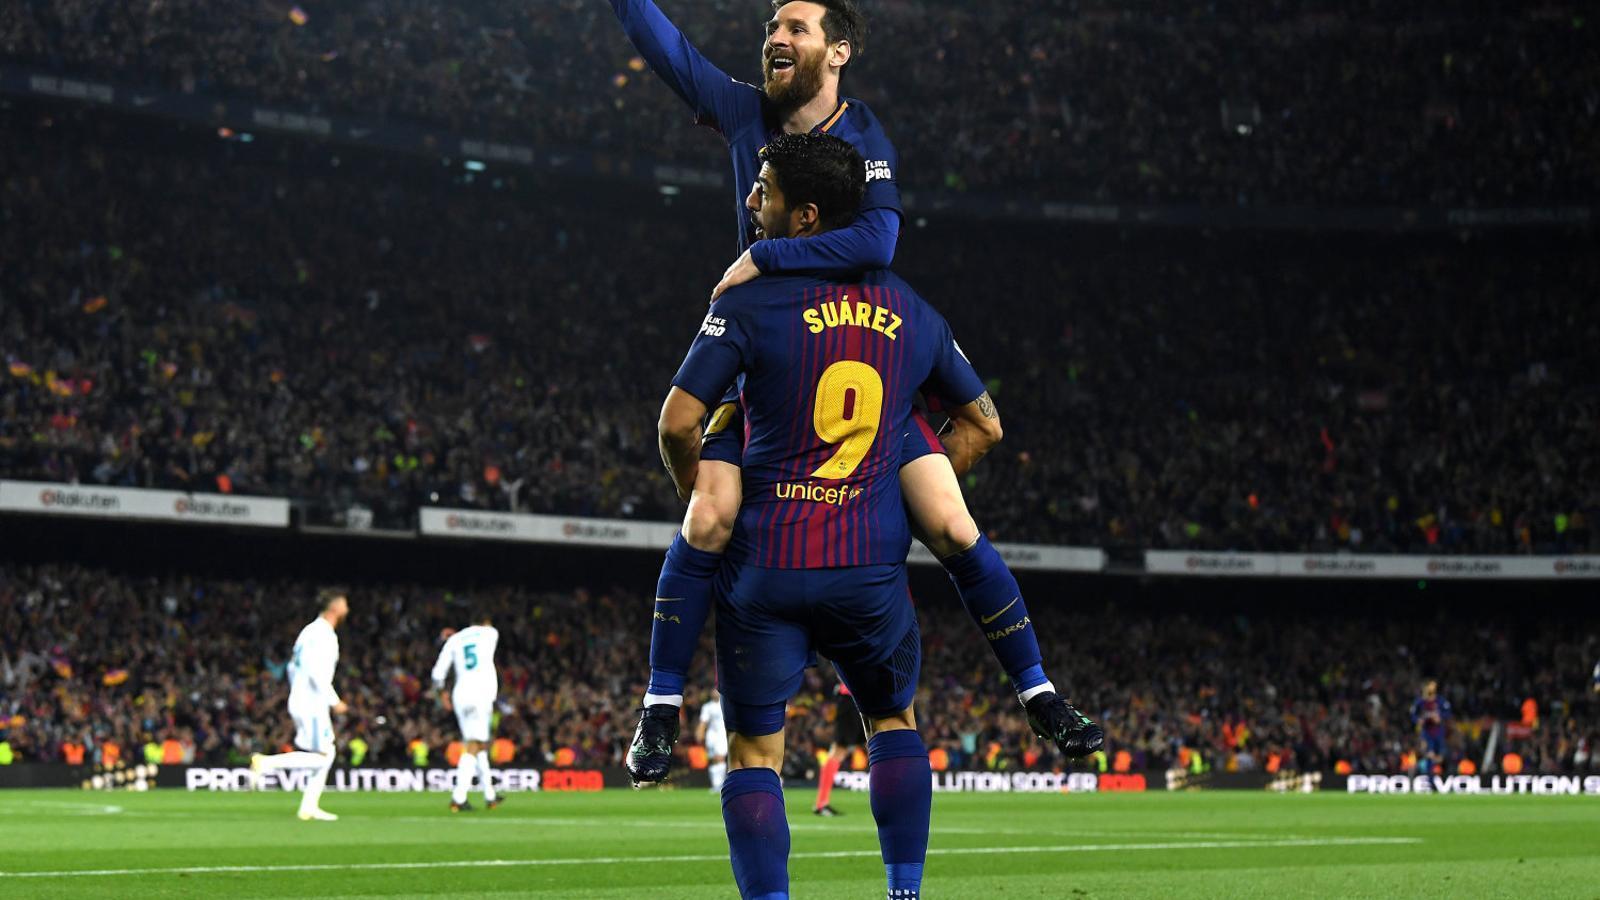 Luis Suárez i Leo Messi celebrant el segon gol del Barça durant el clàssic.